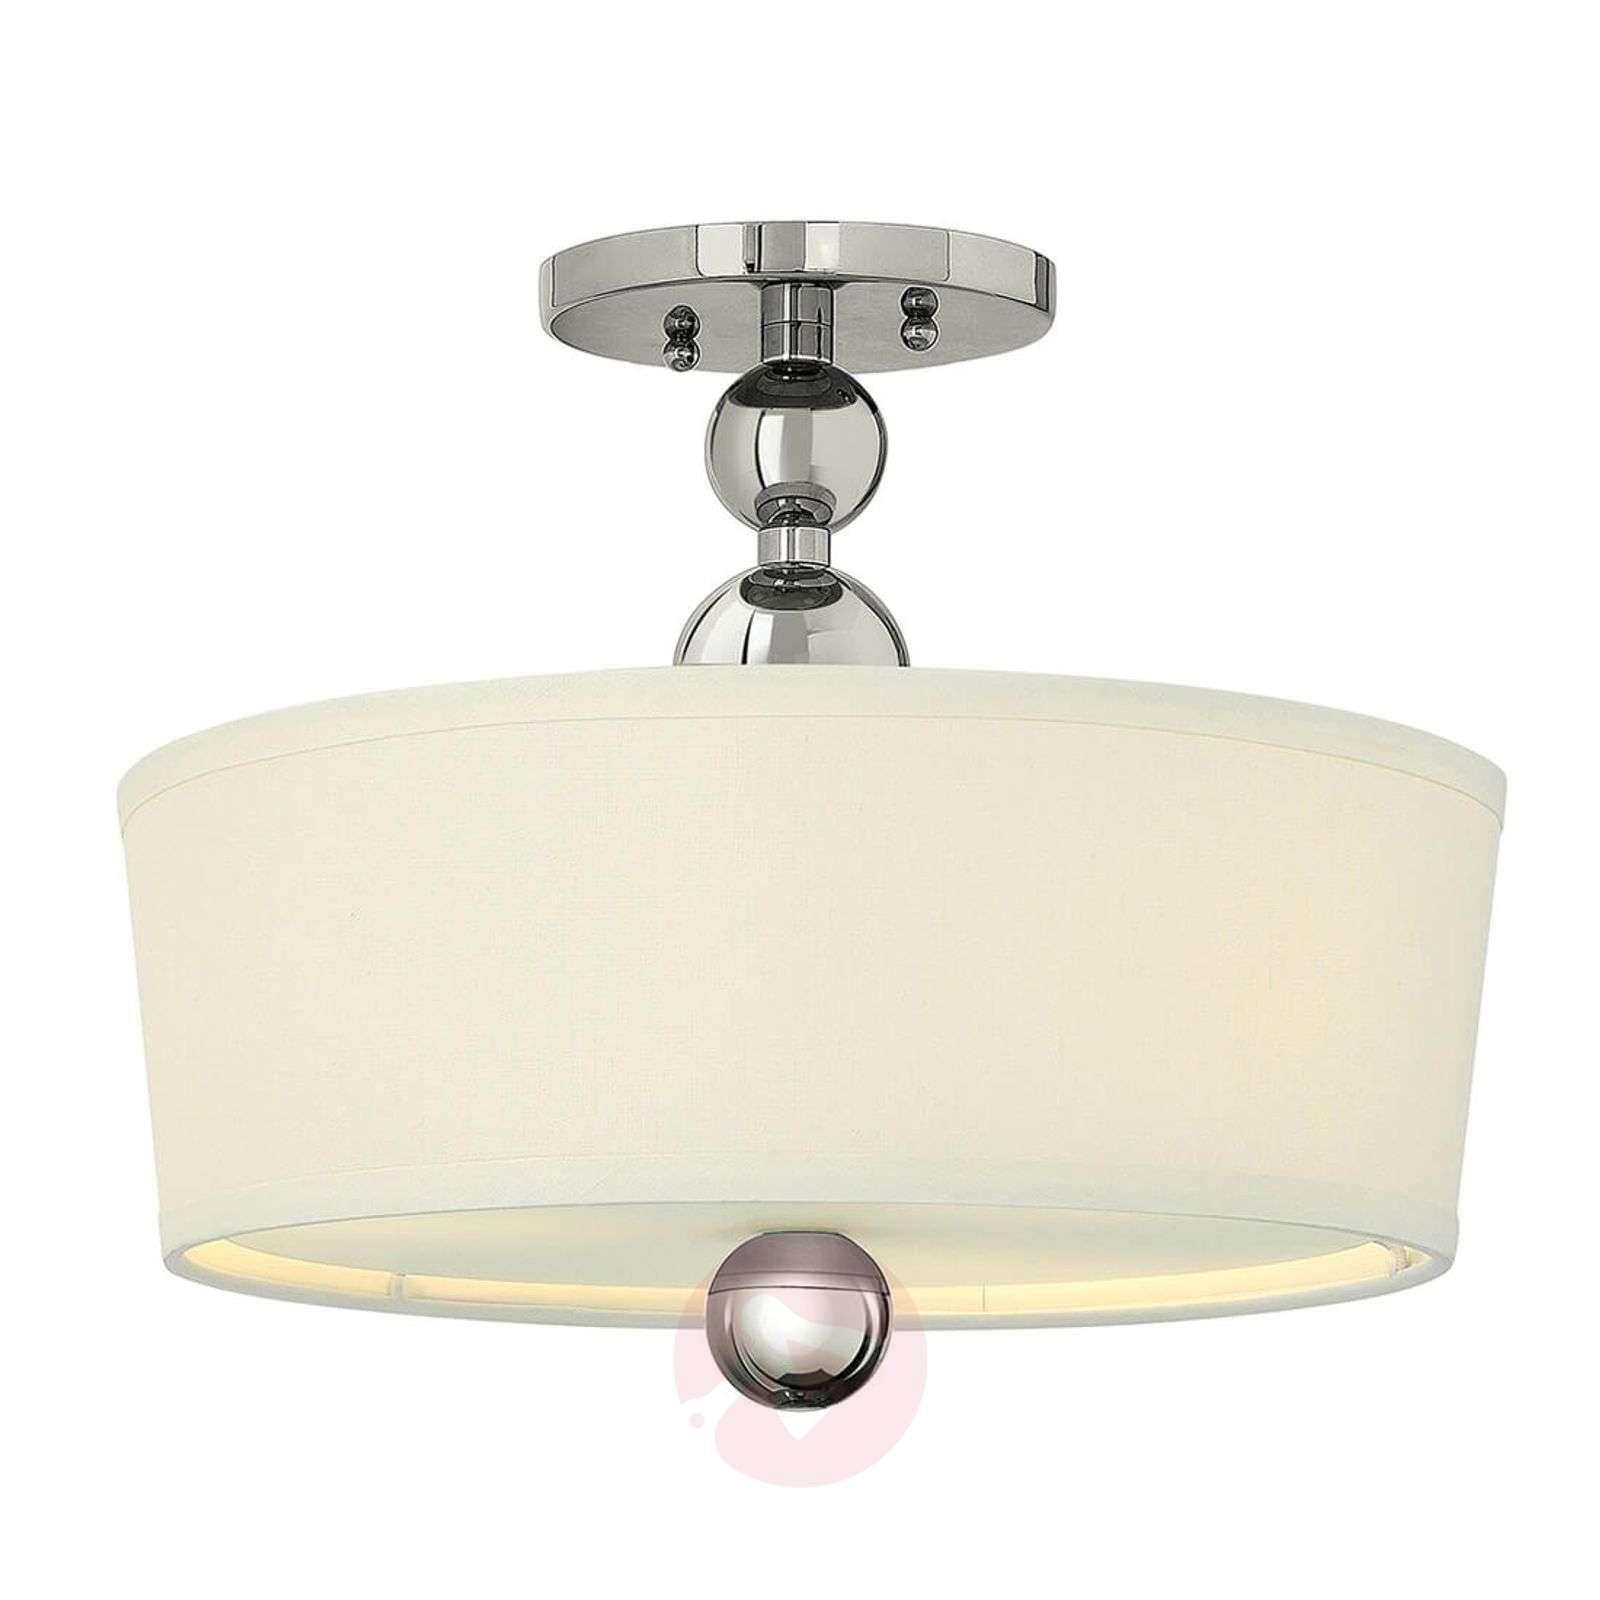 Zelda semi-flush ceiling light-3048474-01